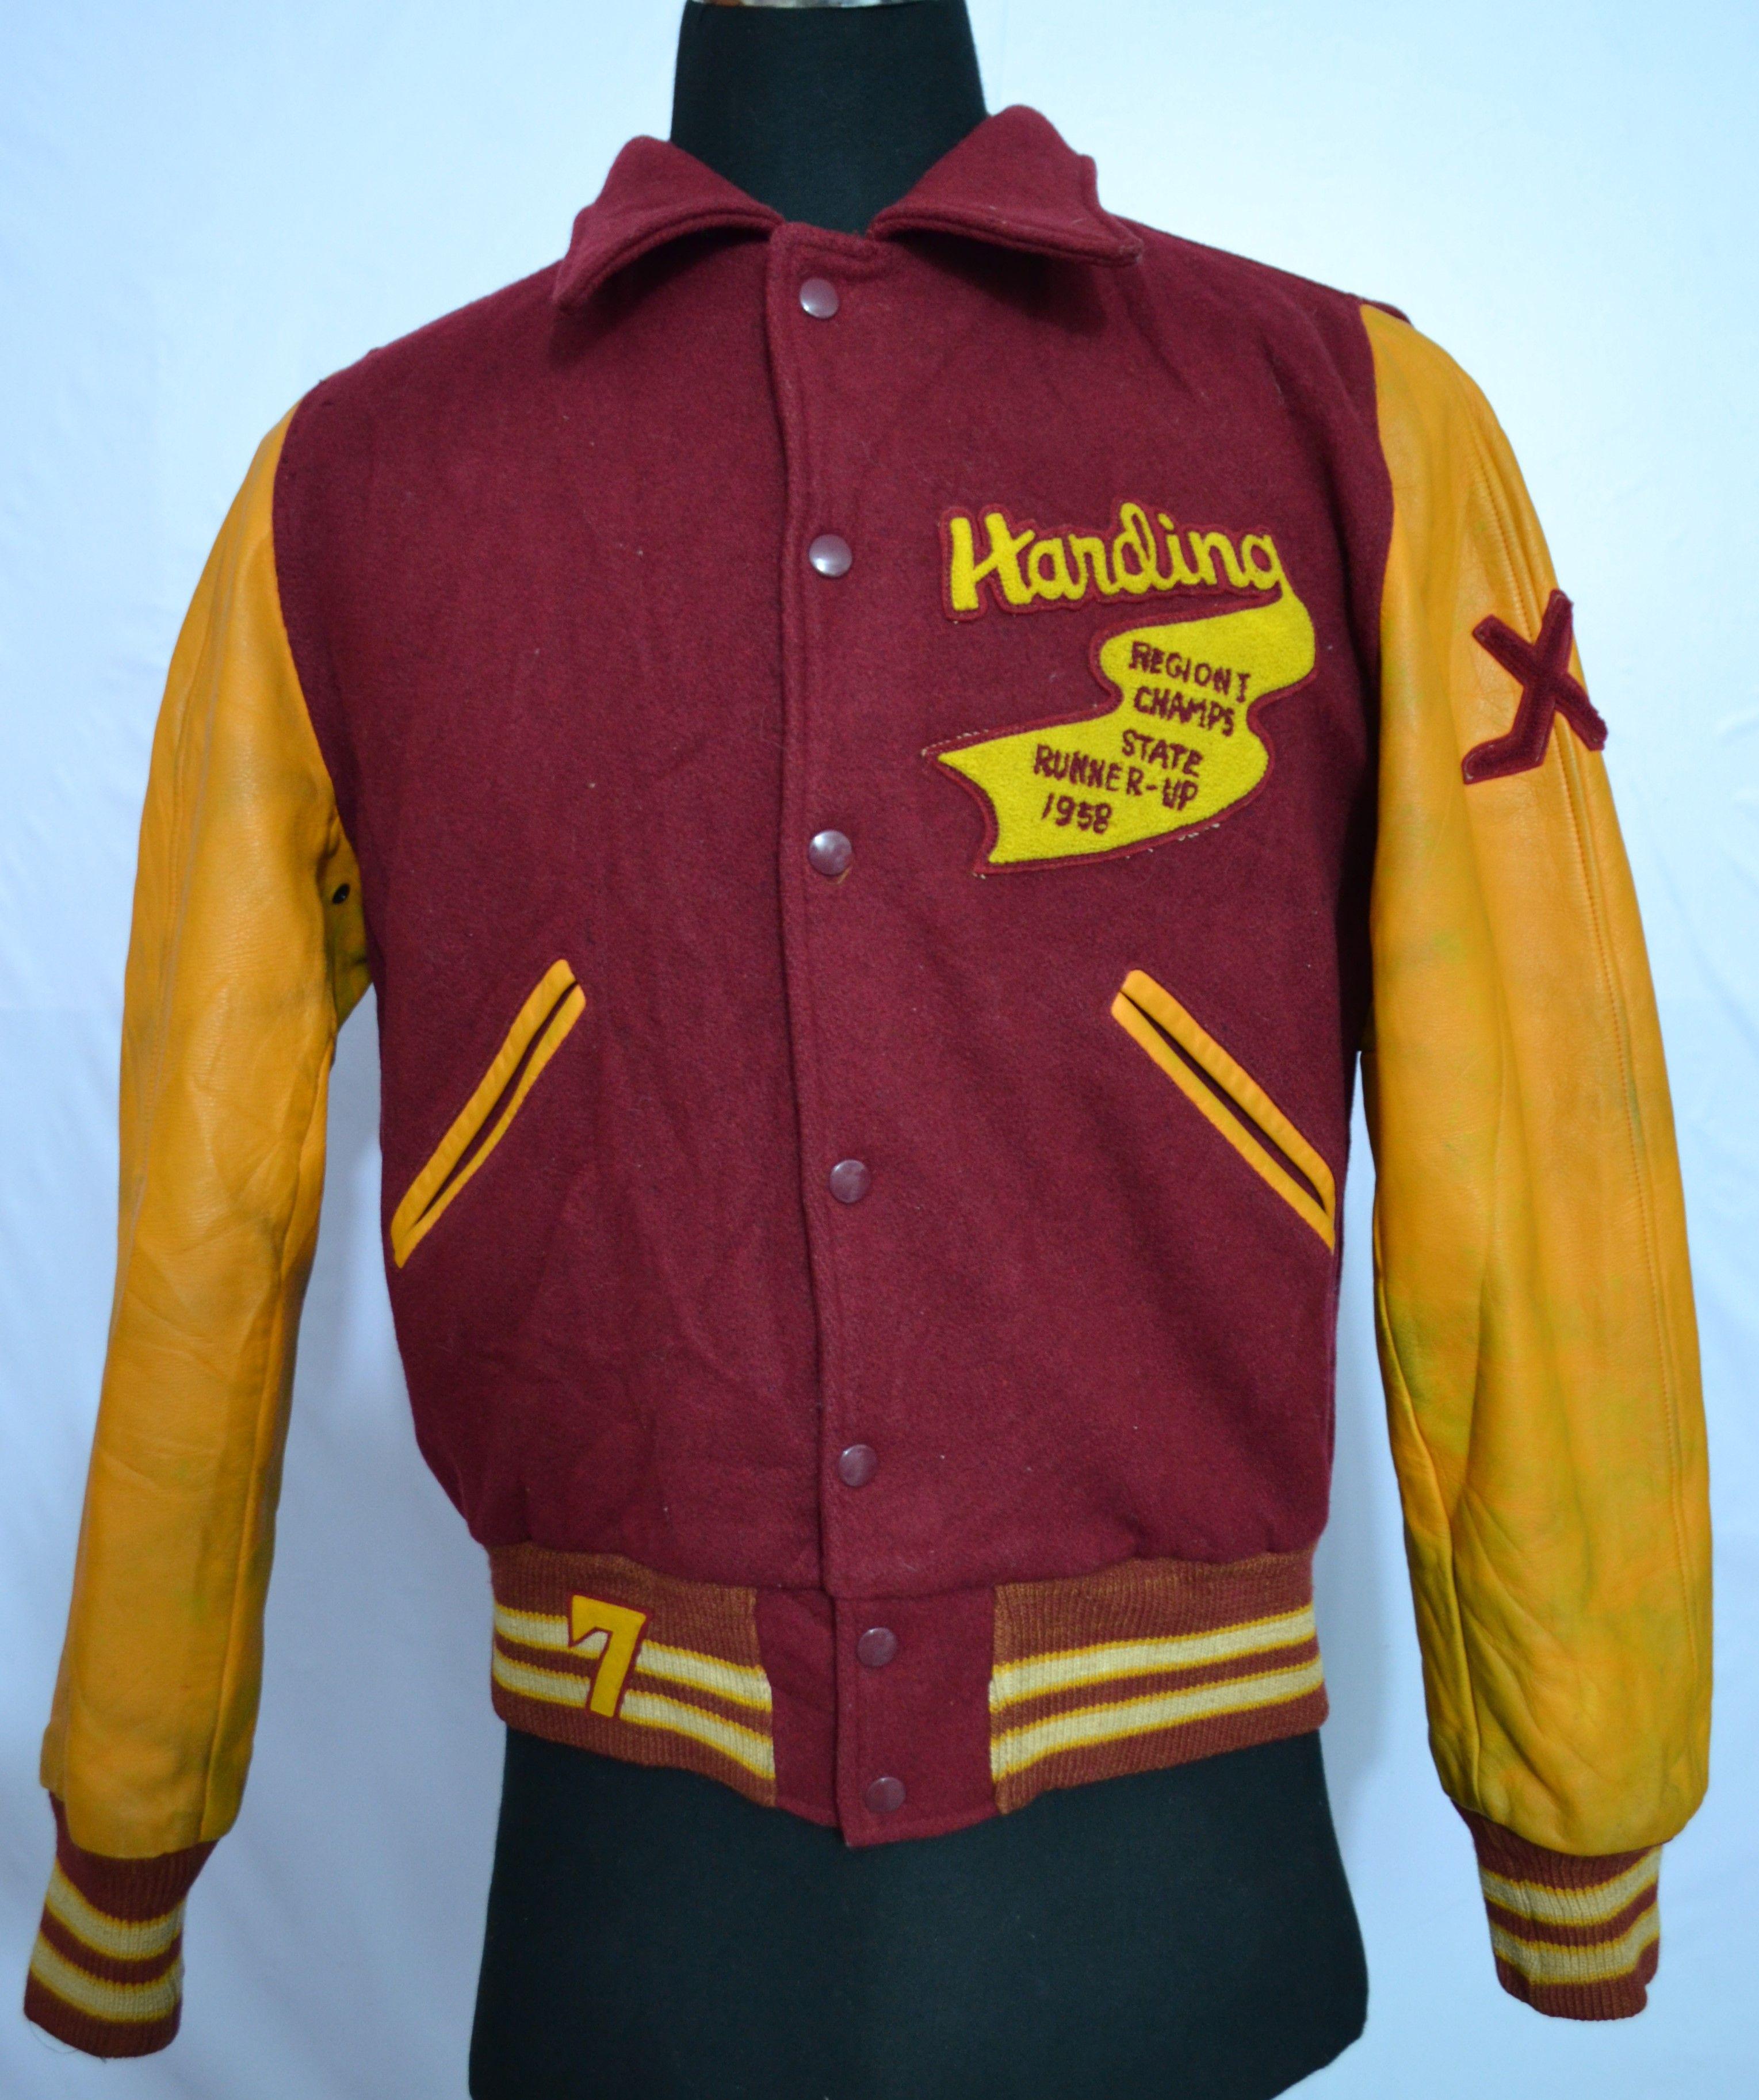 Varsity Leather Jackets top brands labels (Vintage Brands